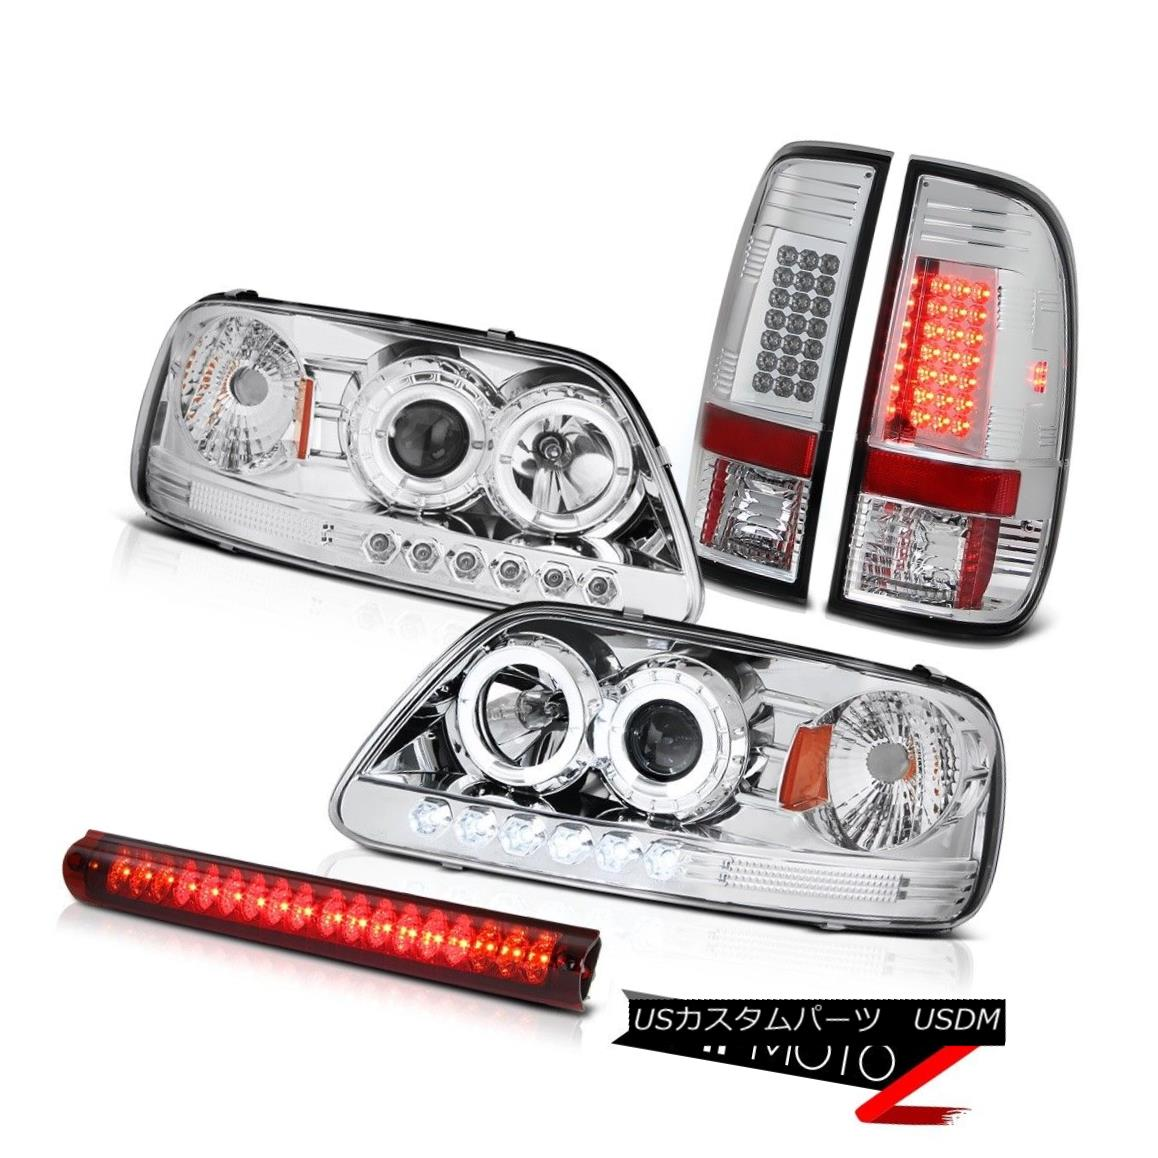 テールライト 2x Halo LED Bulb Headlamp Brake Lamp Tail Light Red 3rd Lamp 1999 2000 2001 F150 2x Halo LED電球ヘッドランプブレーキランプテールライトレッド3ランプ1999 2000 2001 F150